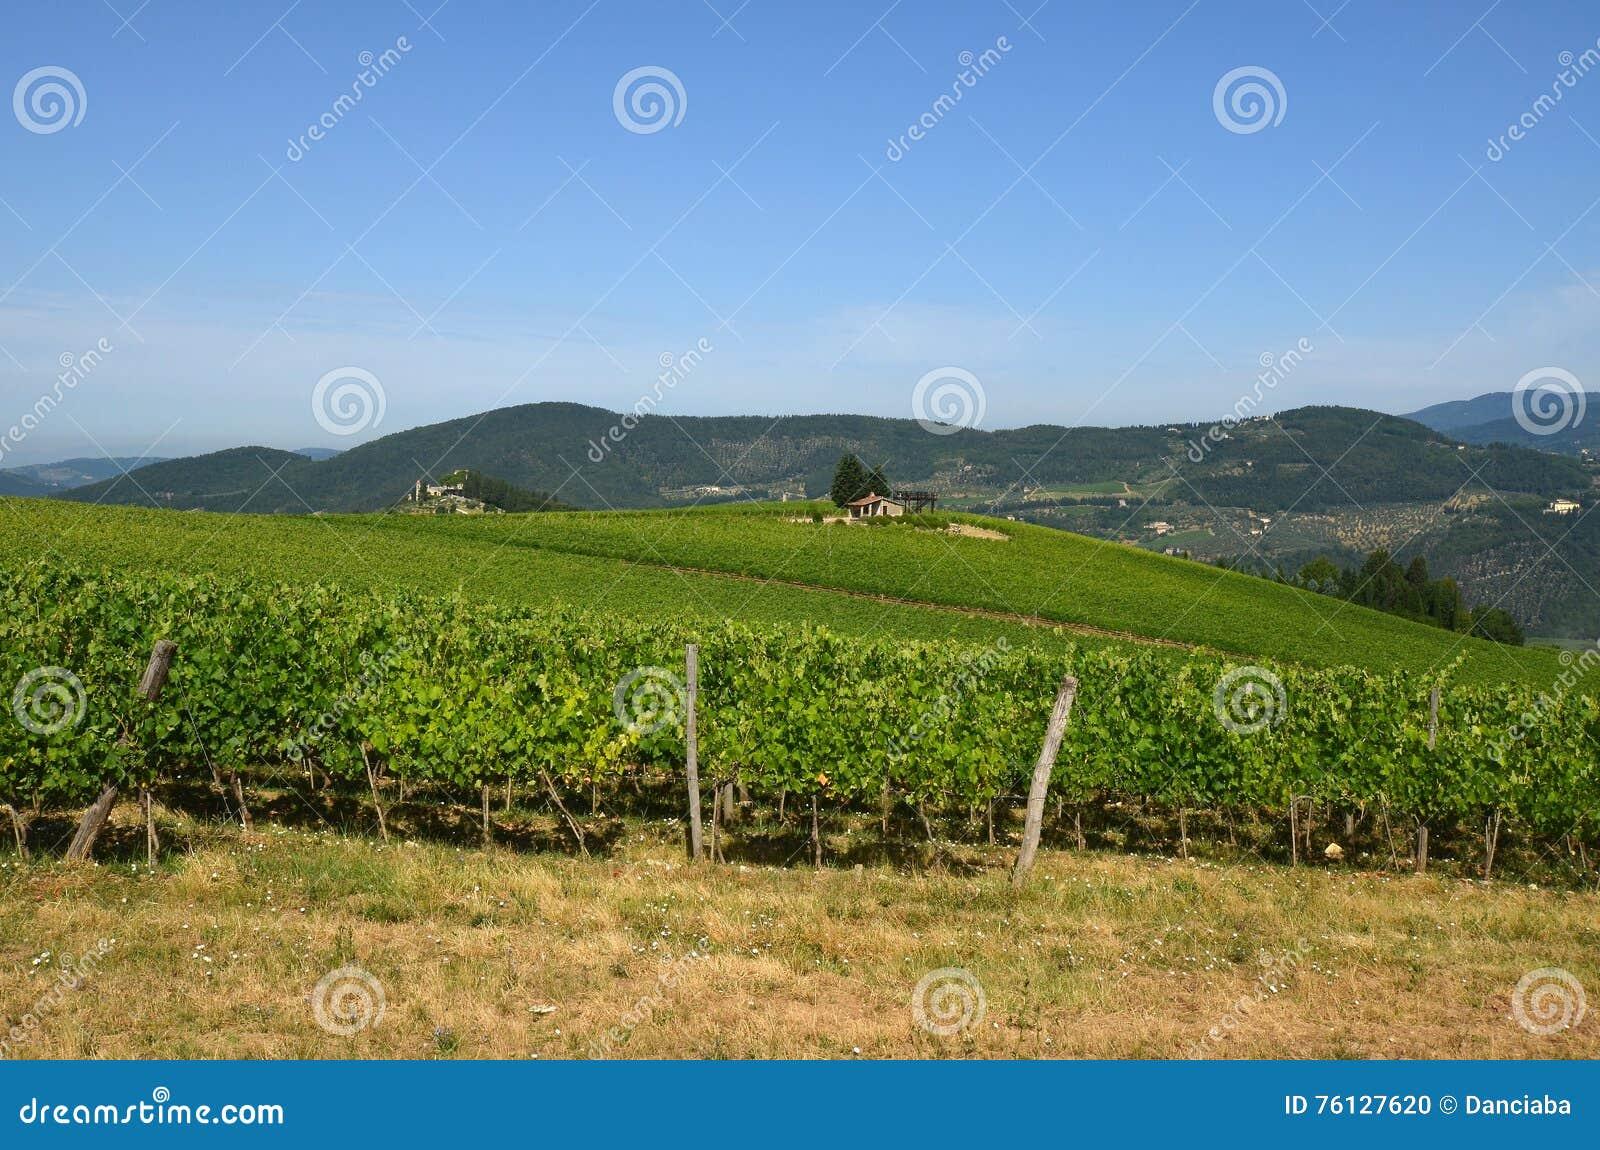 Green Wineyards in Tuscany, Chianti, Italy